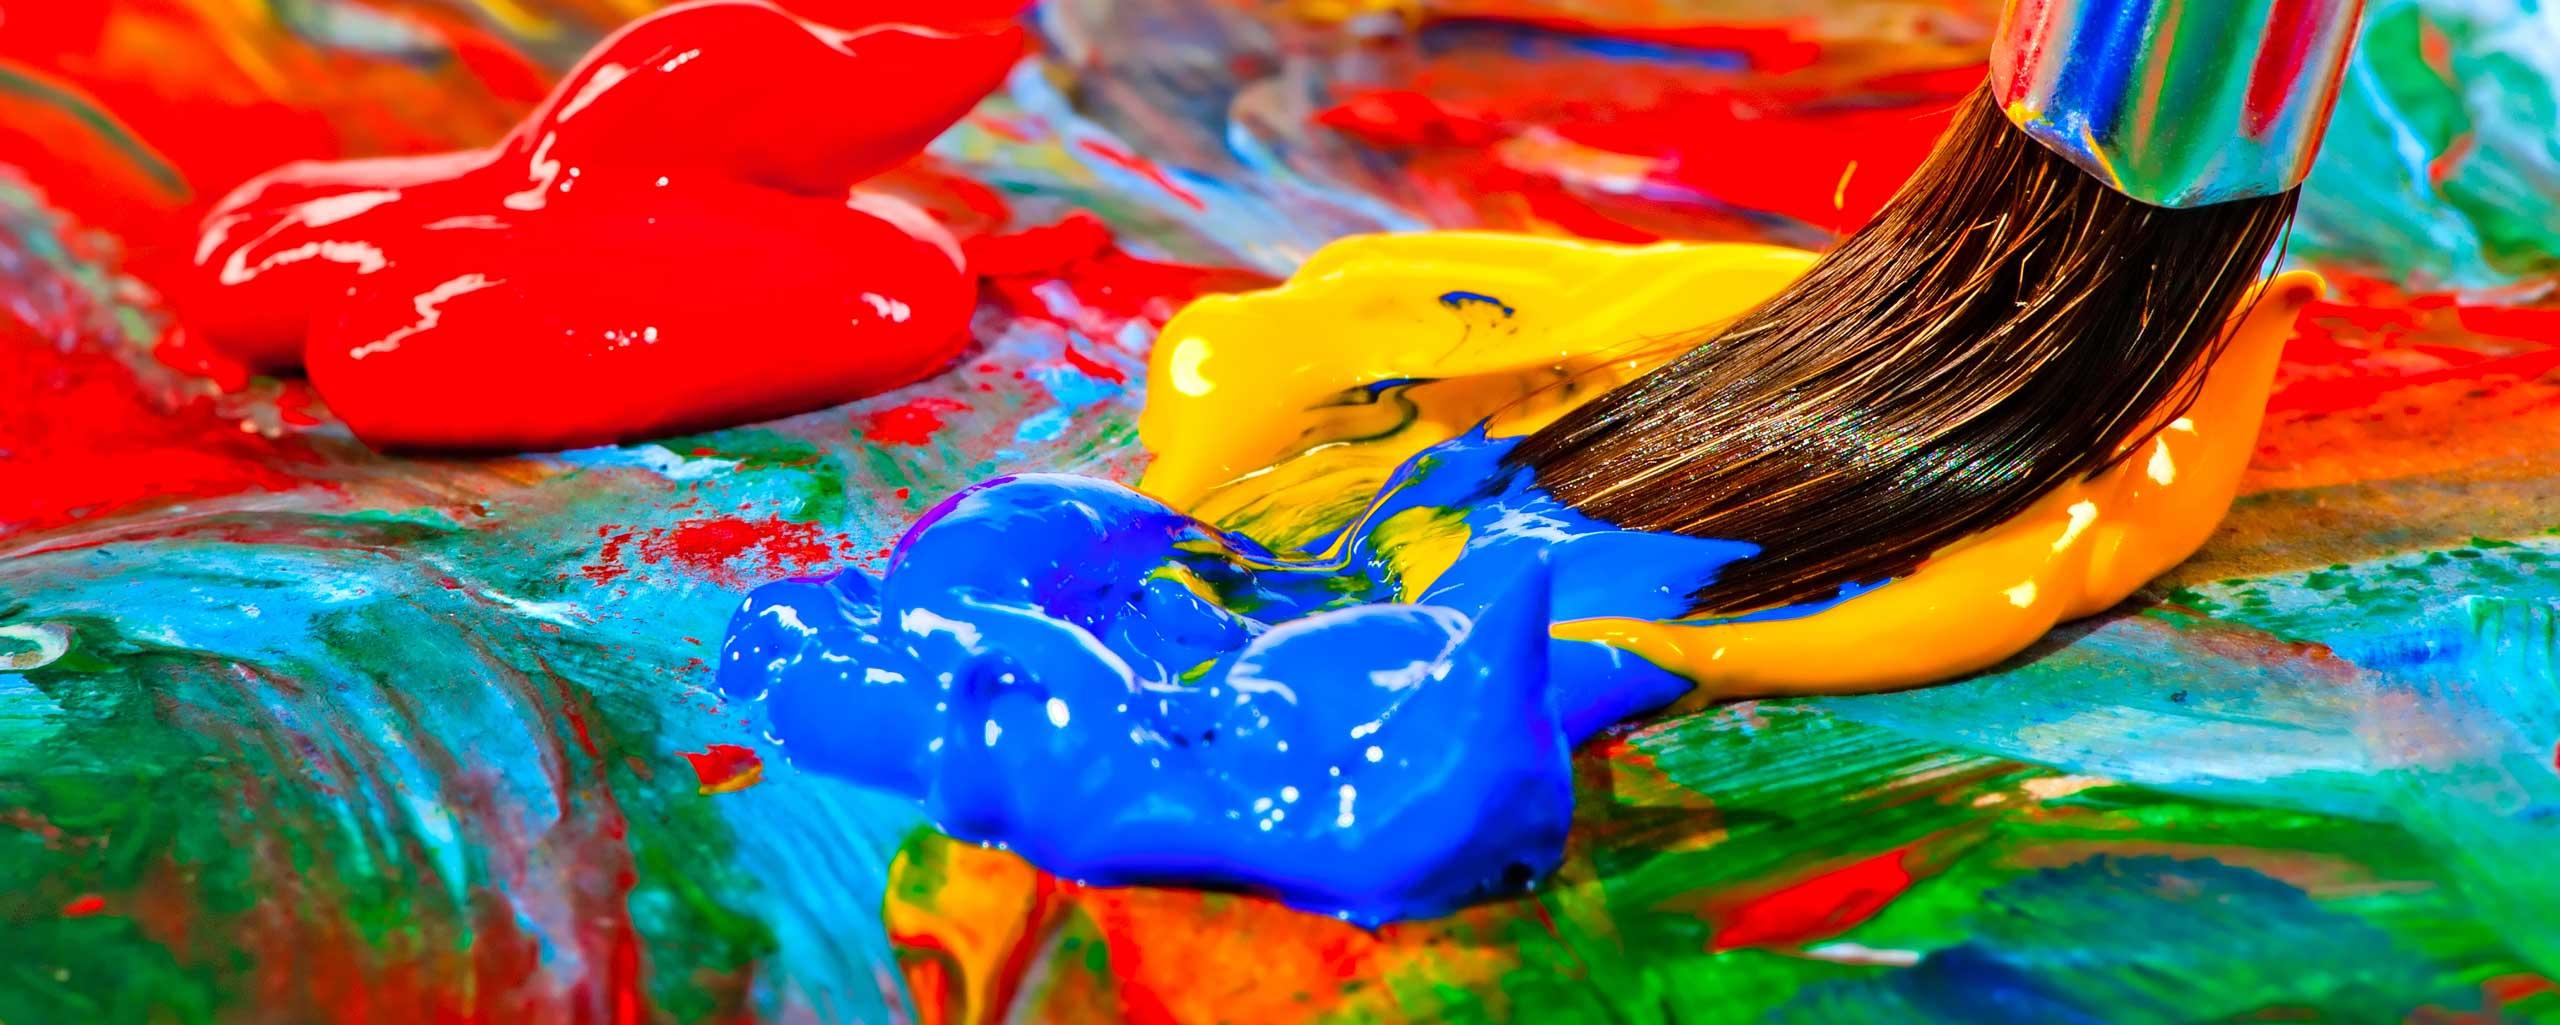 Art Lesson Plans For Teachers